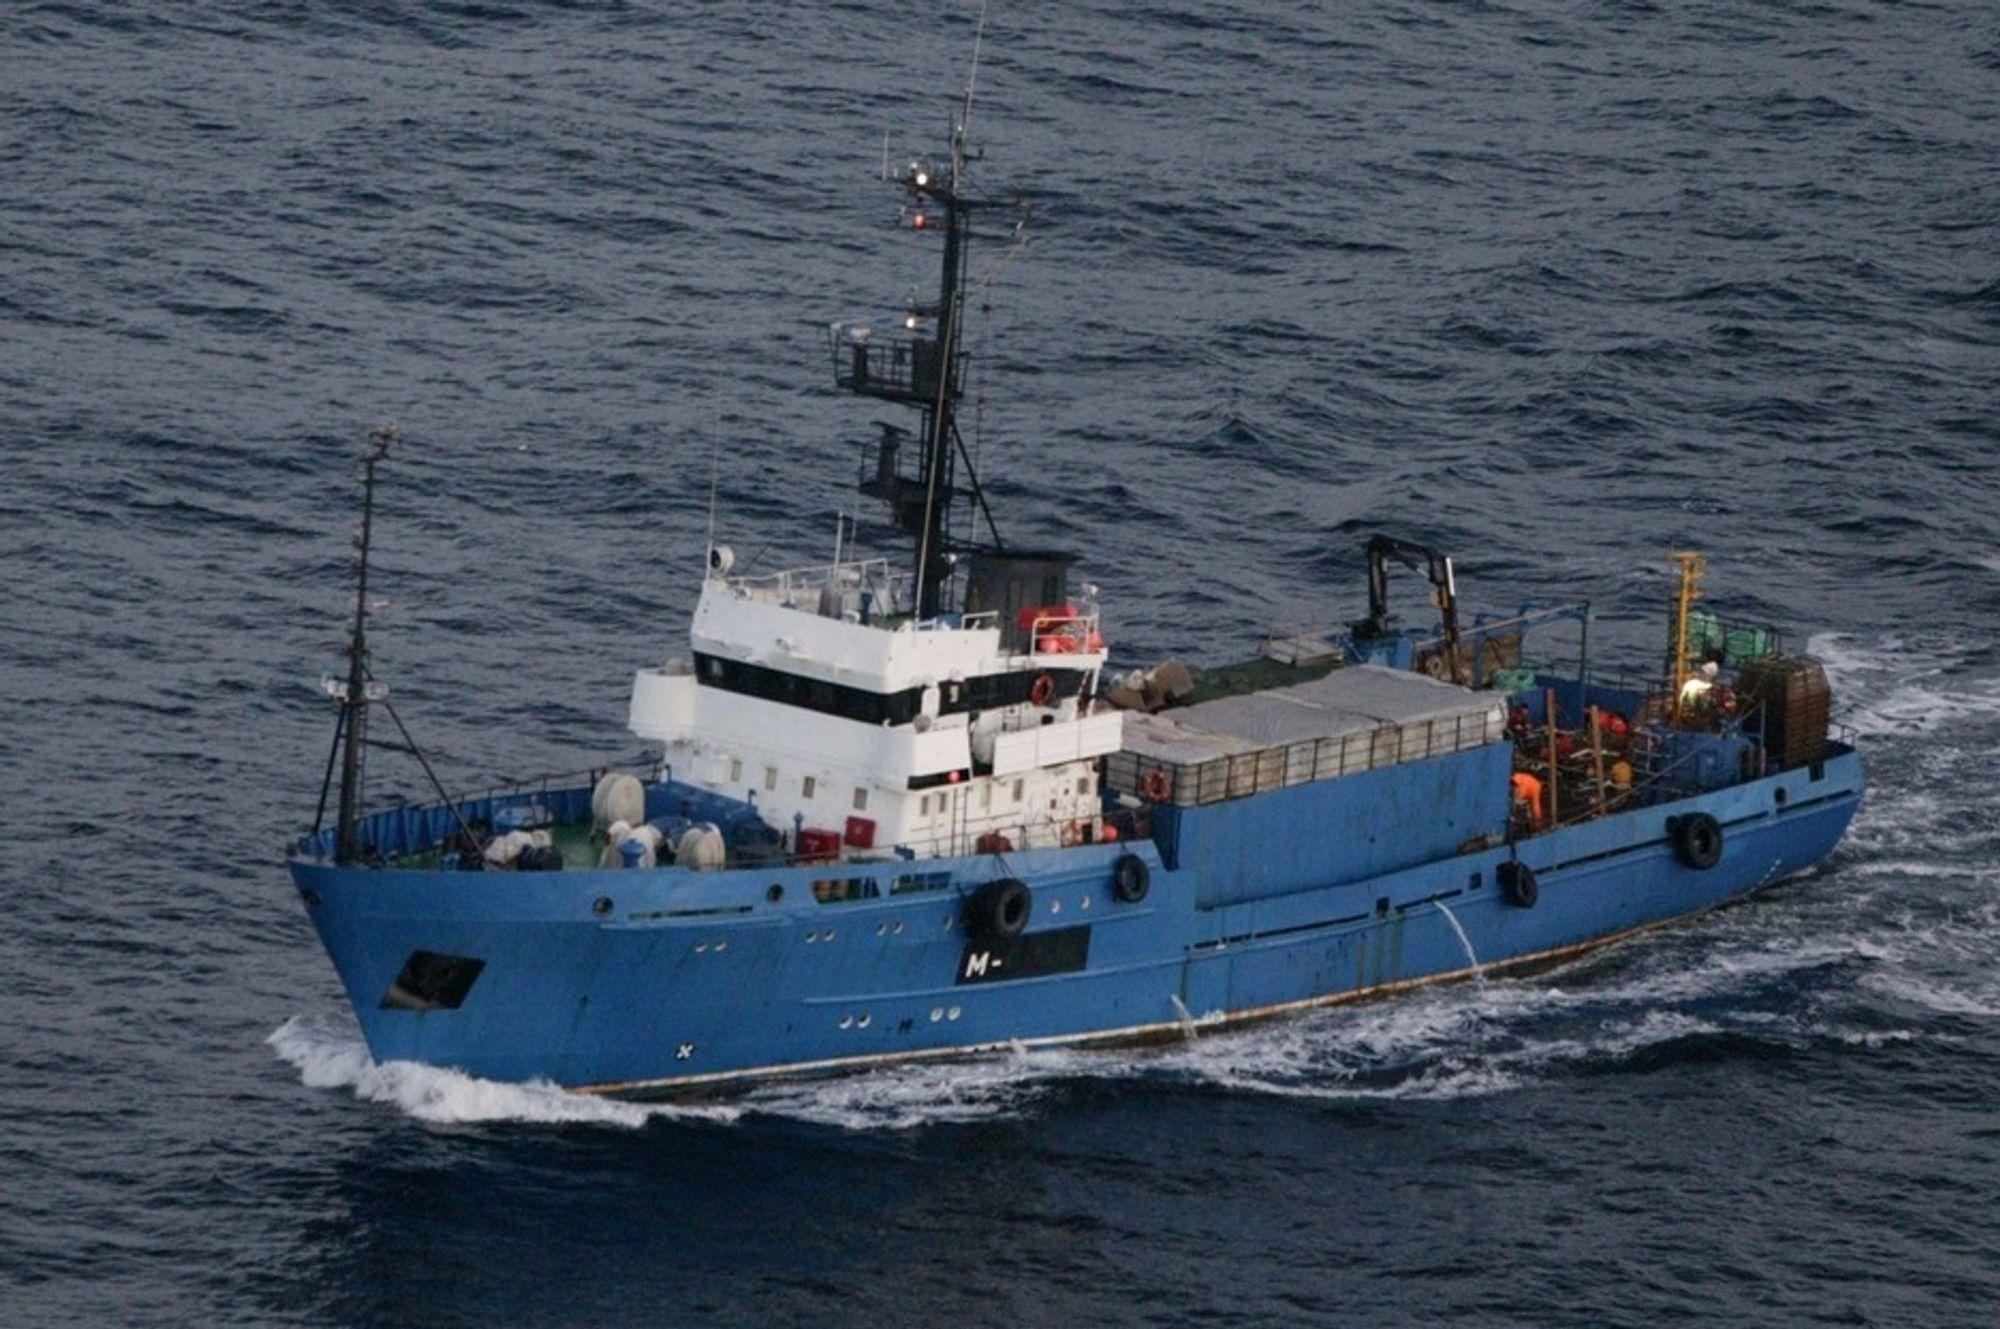 Skal tas. Ulovlig fiske skal avsløres lettere med en samordnet overvåking av den europeiske kysten.